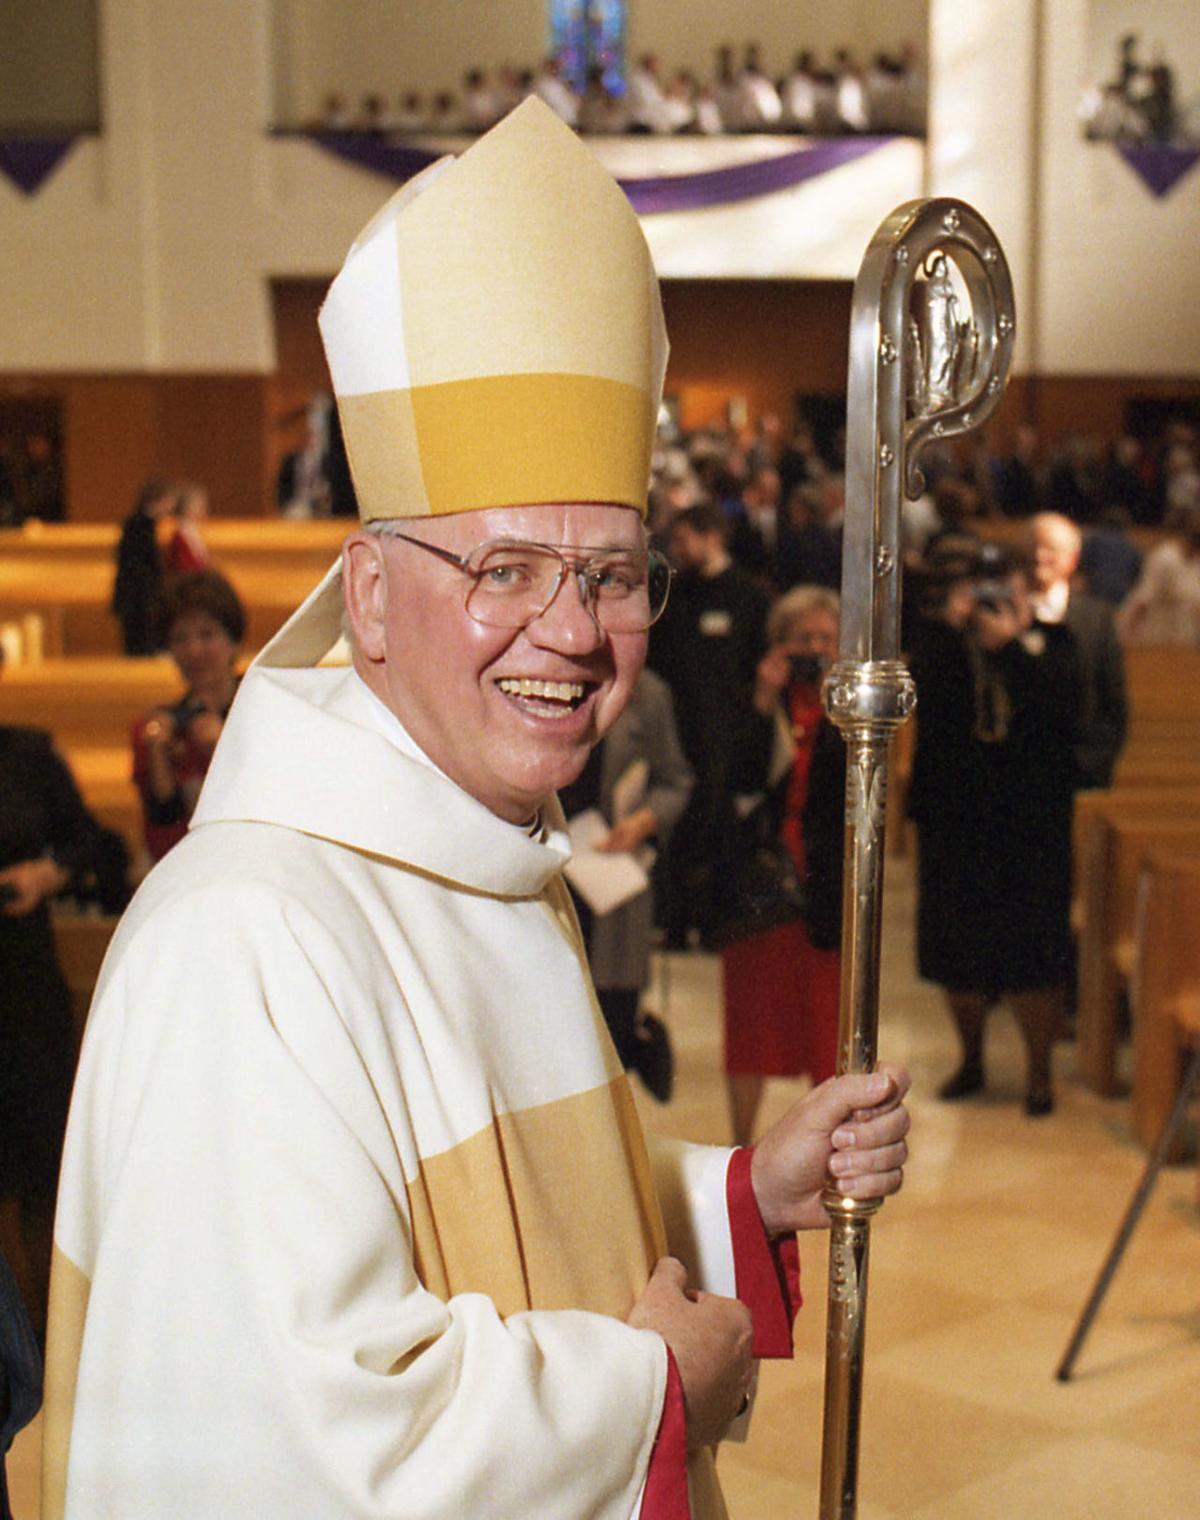 Bishop Paul Zipfel